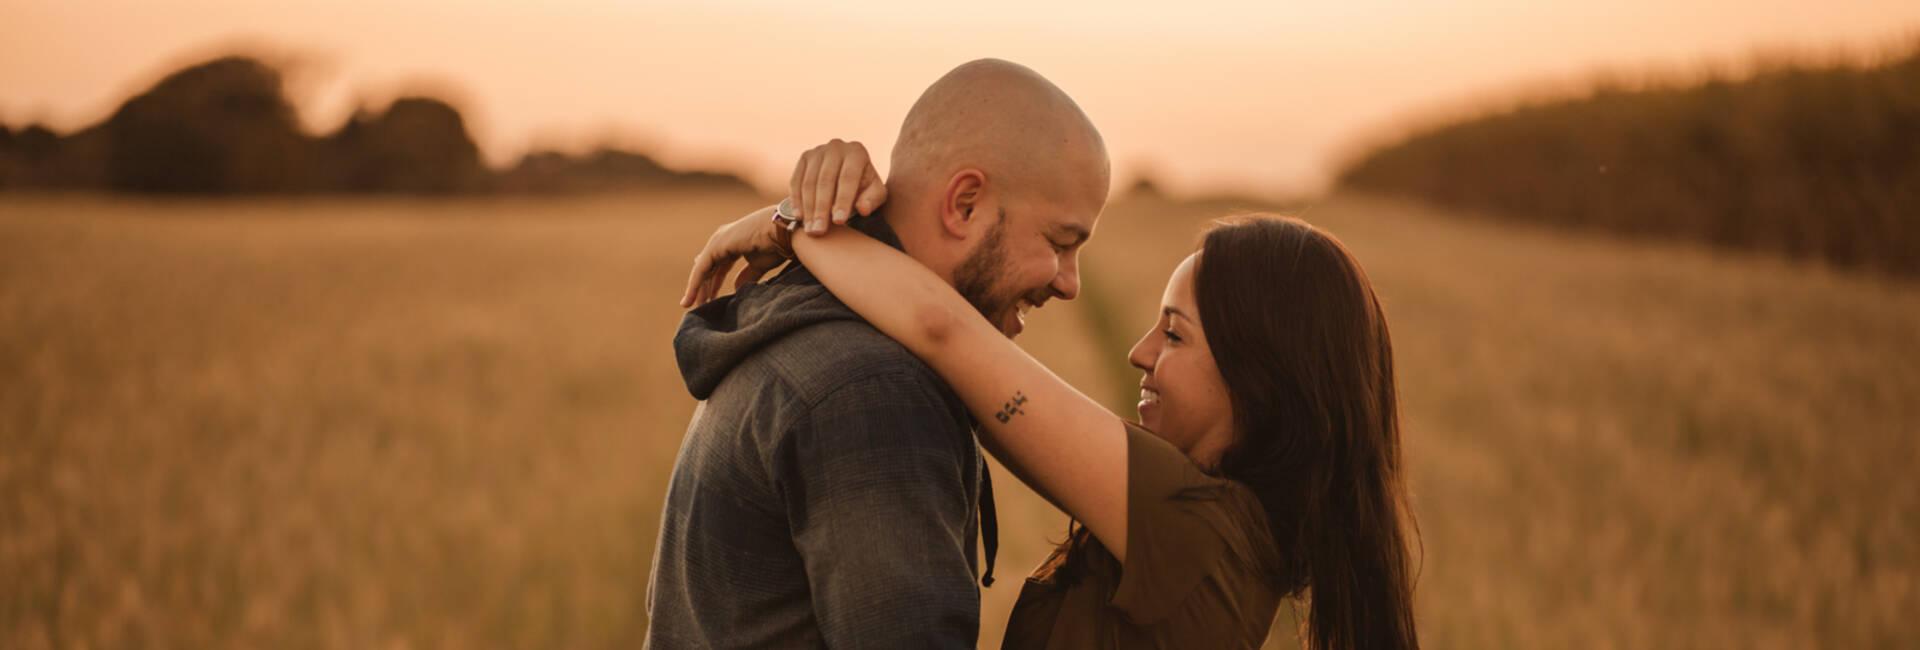 Ensaio Casal de Ariane e Daniel